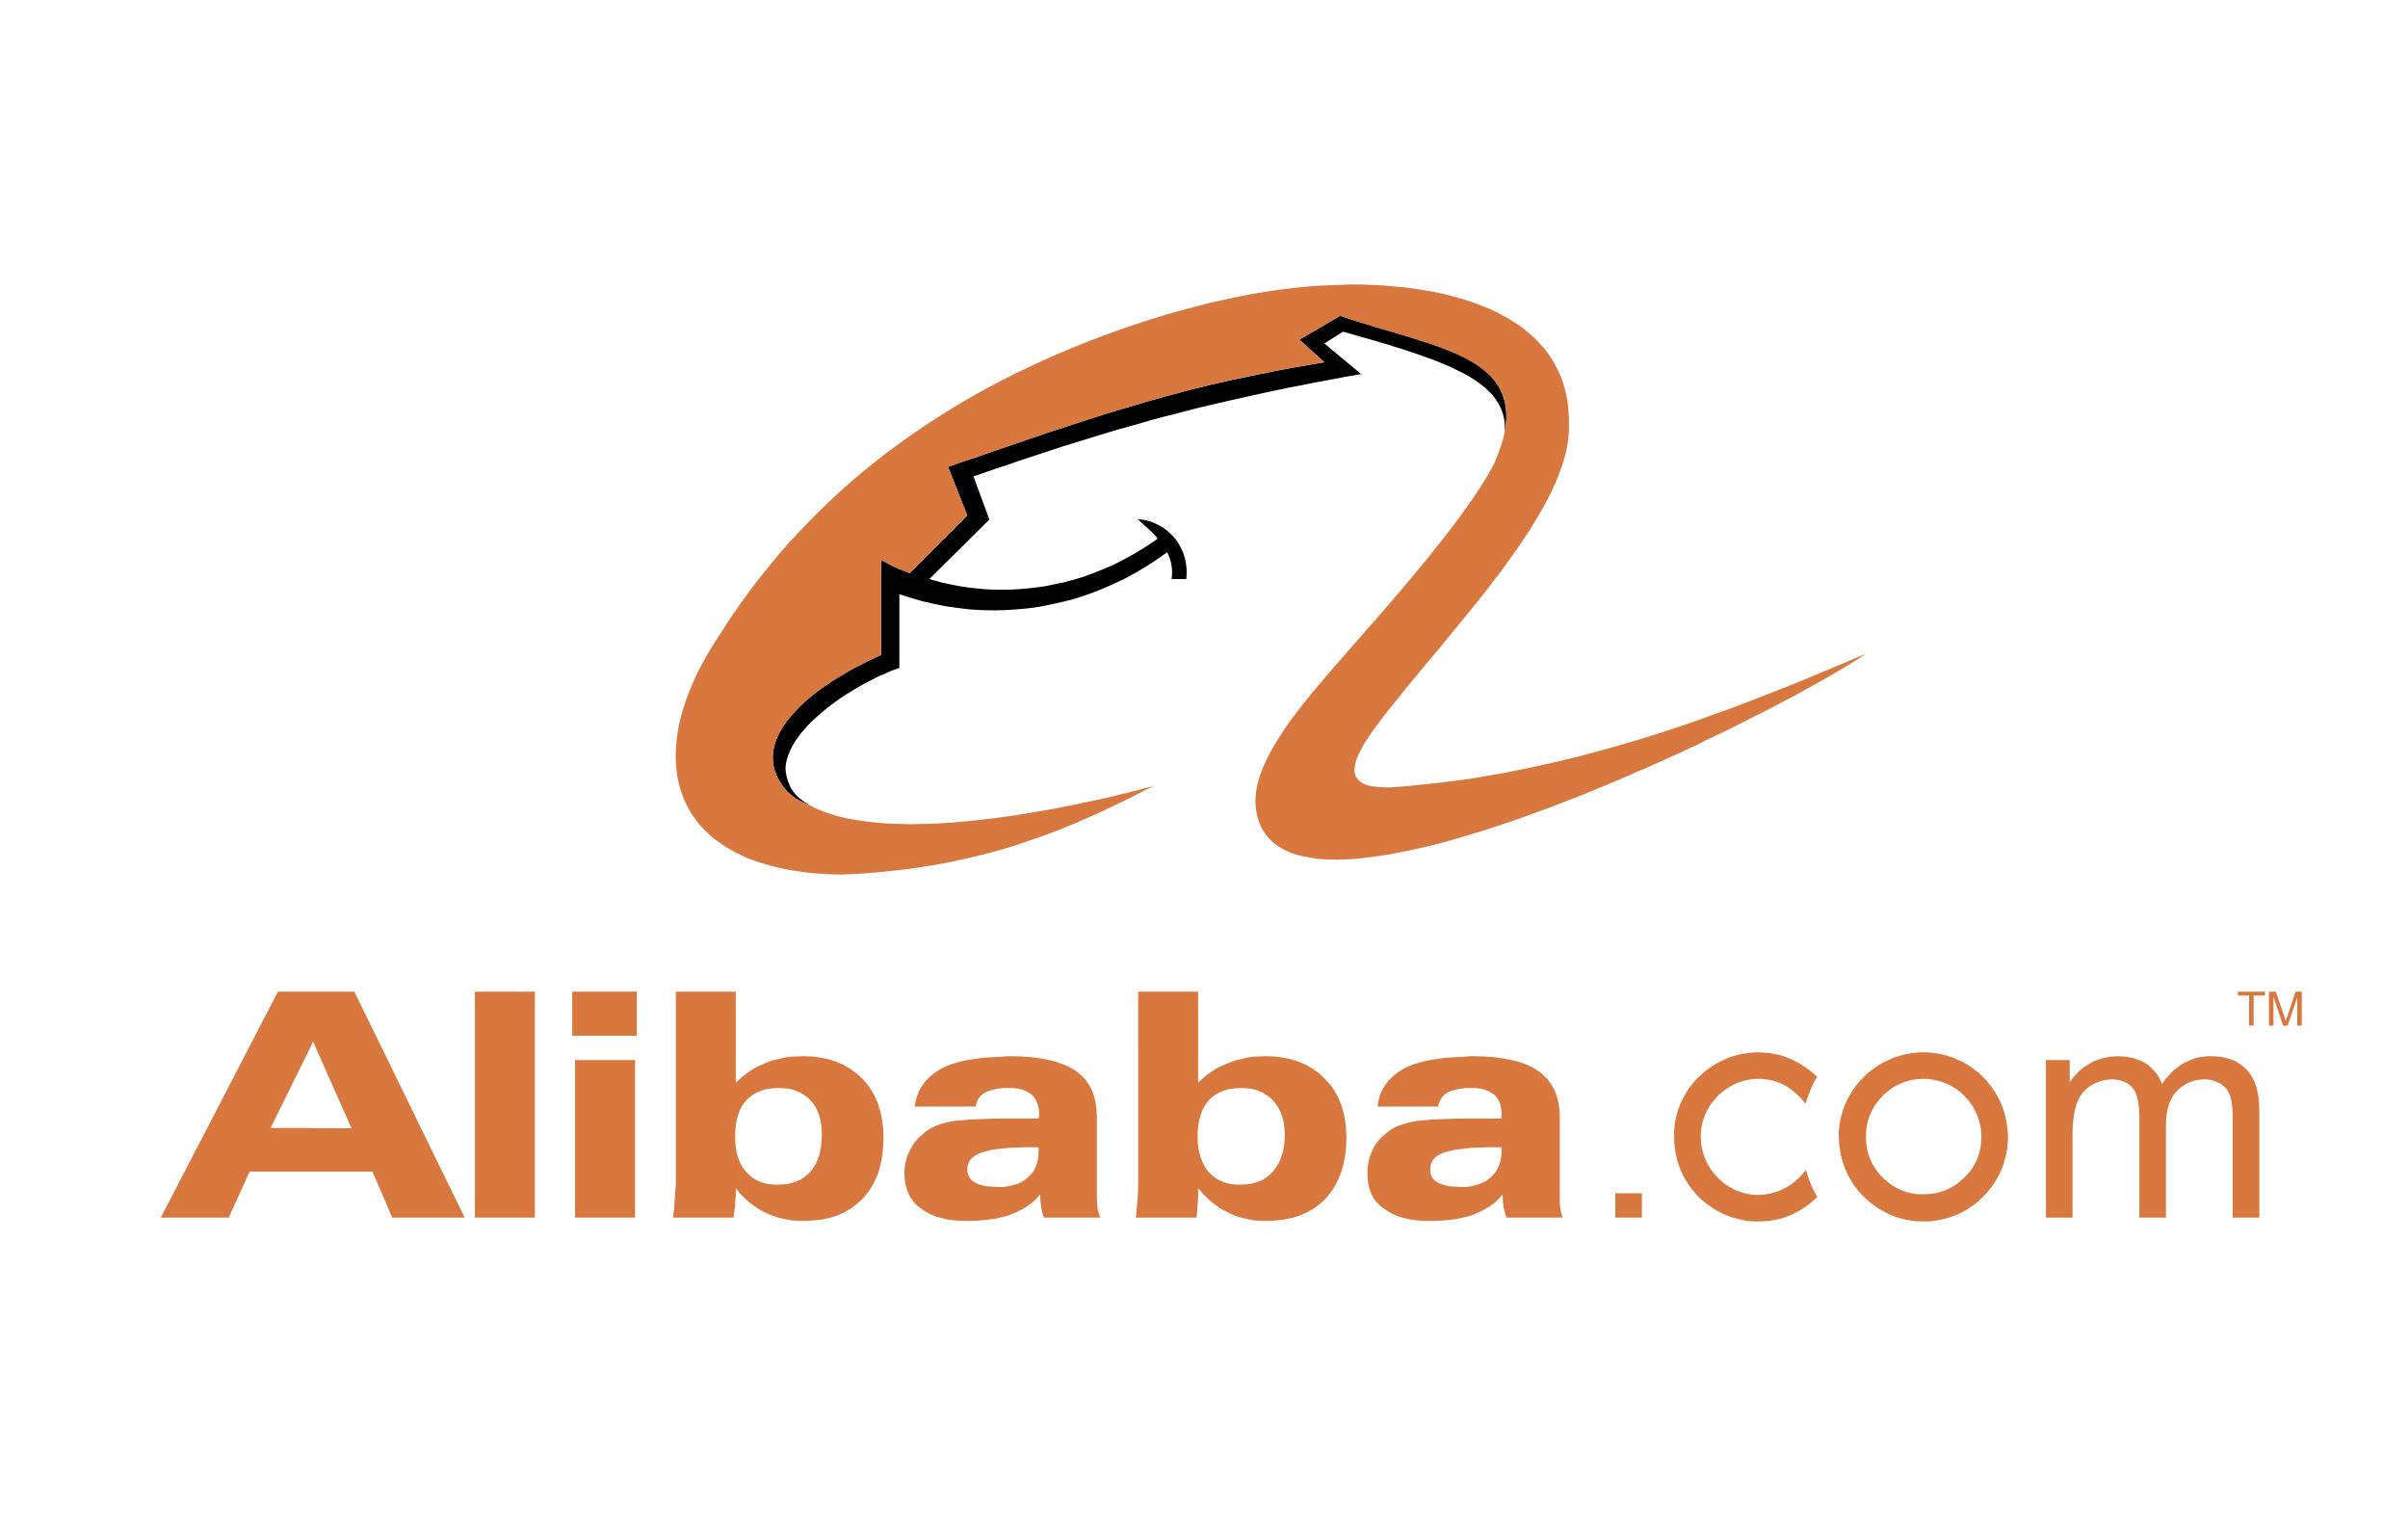 Alibaba's logo